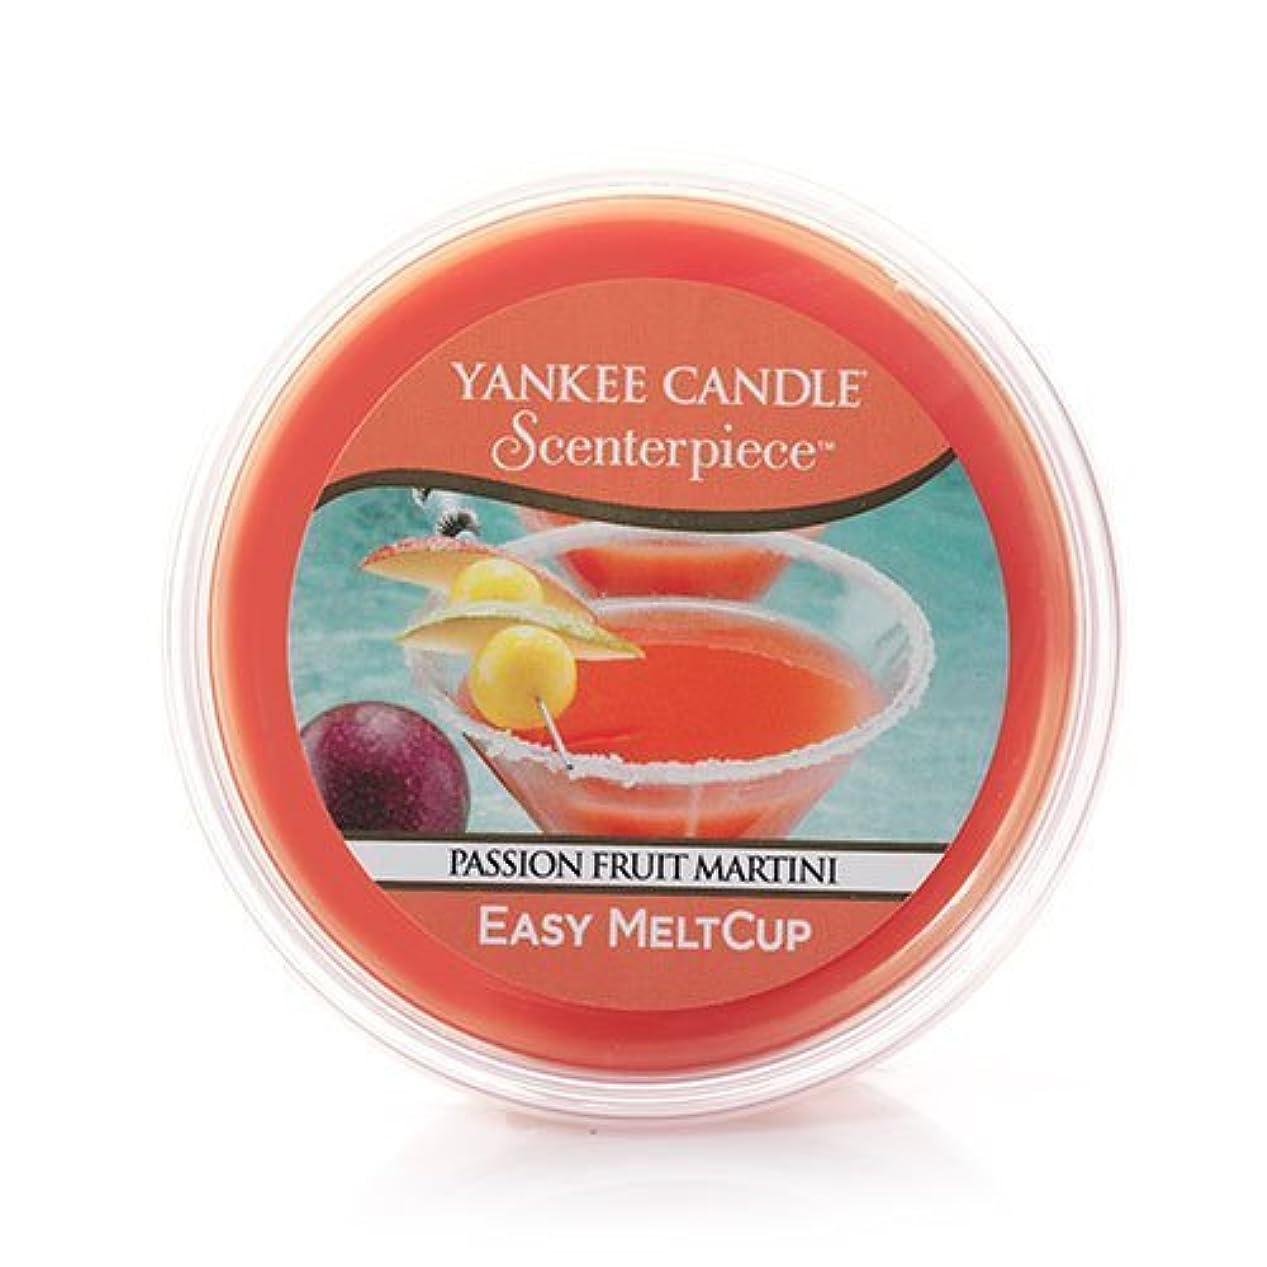 暖かく作成者常習的Yankee CandleパッションフルーツMartini Scenterpiece Easy MeltCup 2.2 Oz